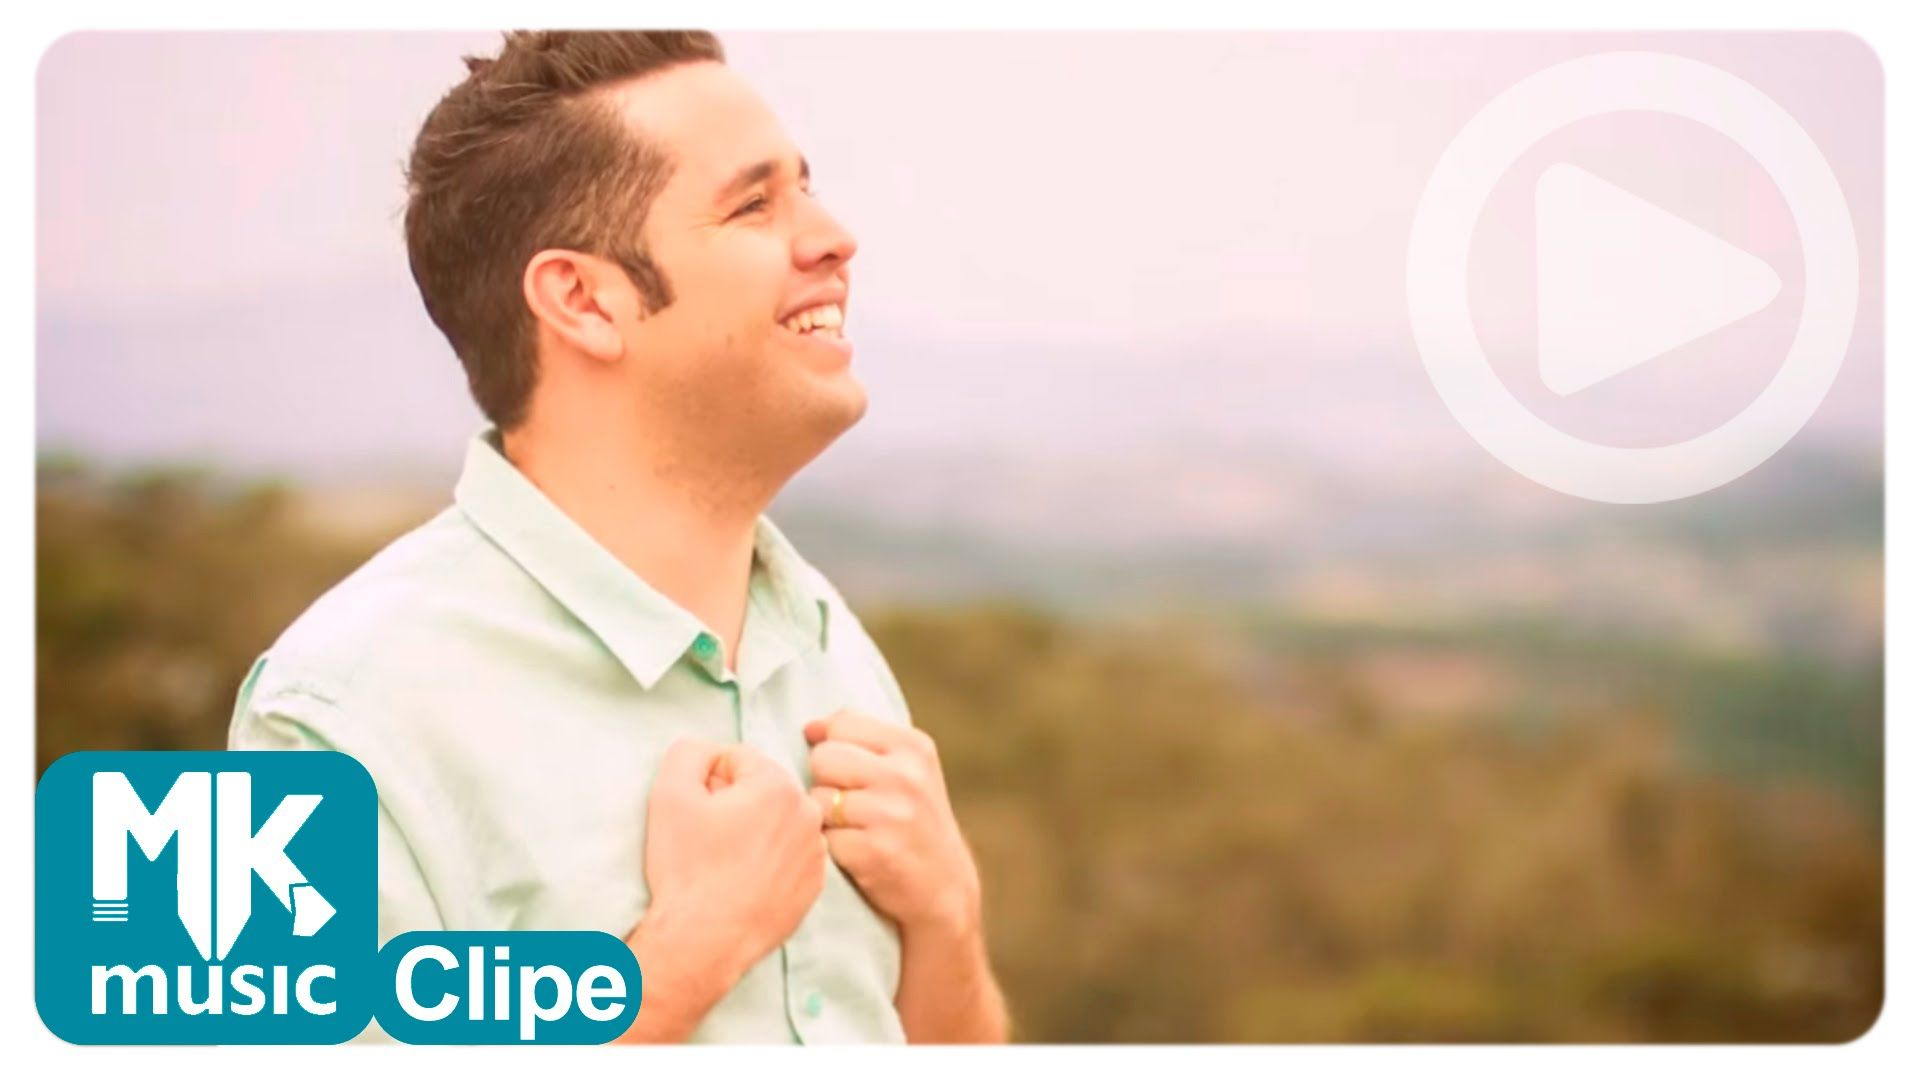 Pr Lucas Deus De Detalhes Clipe Oficial Mk Music Em Hd